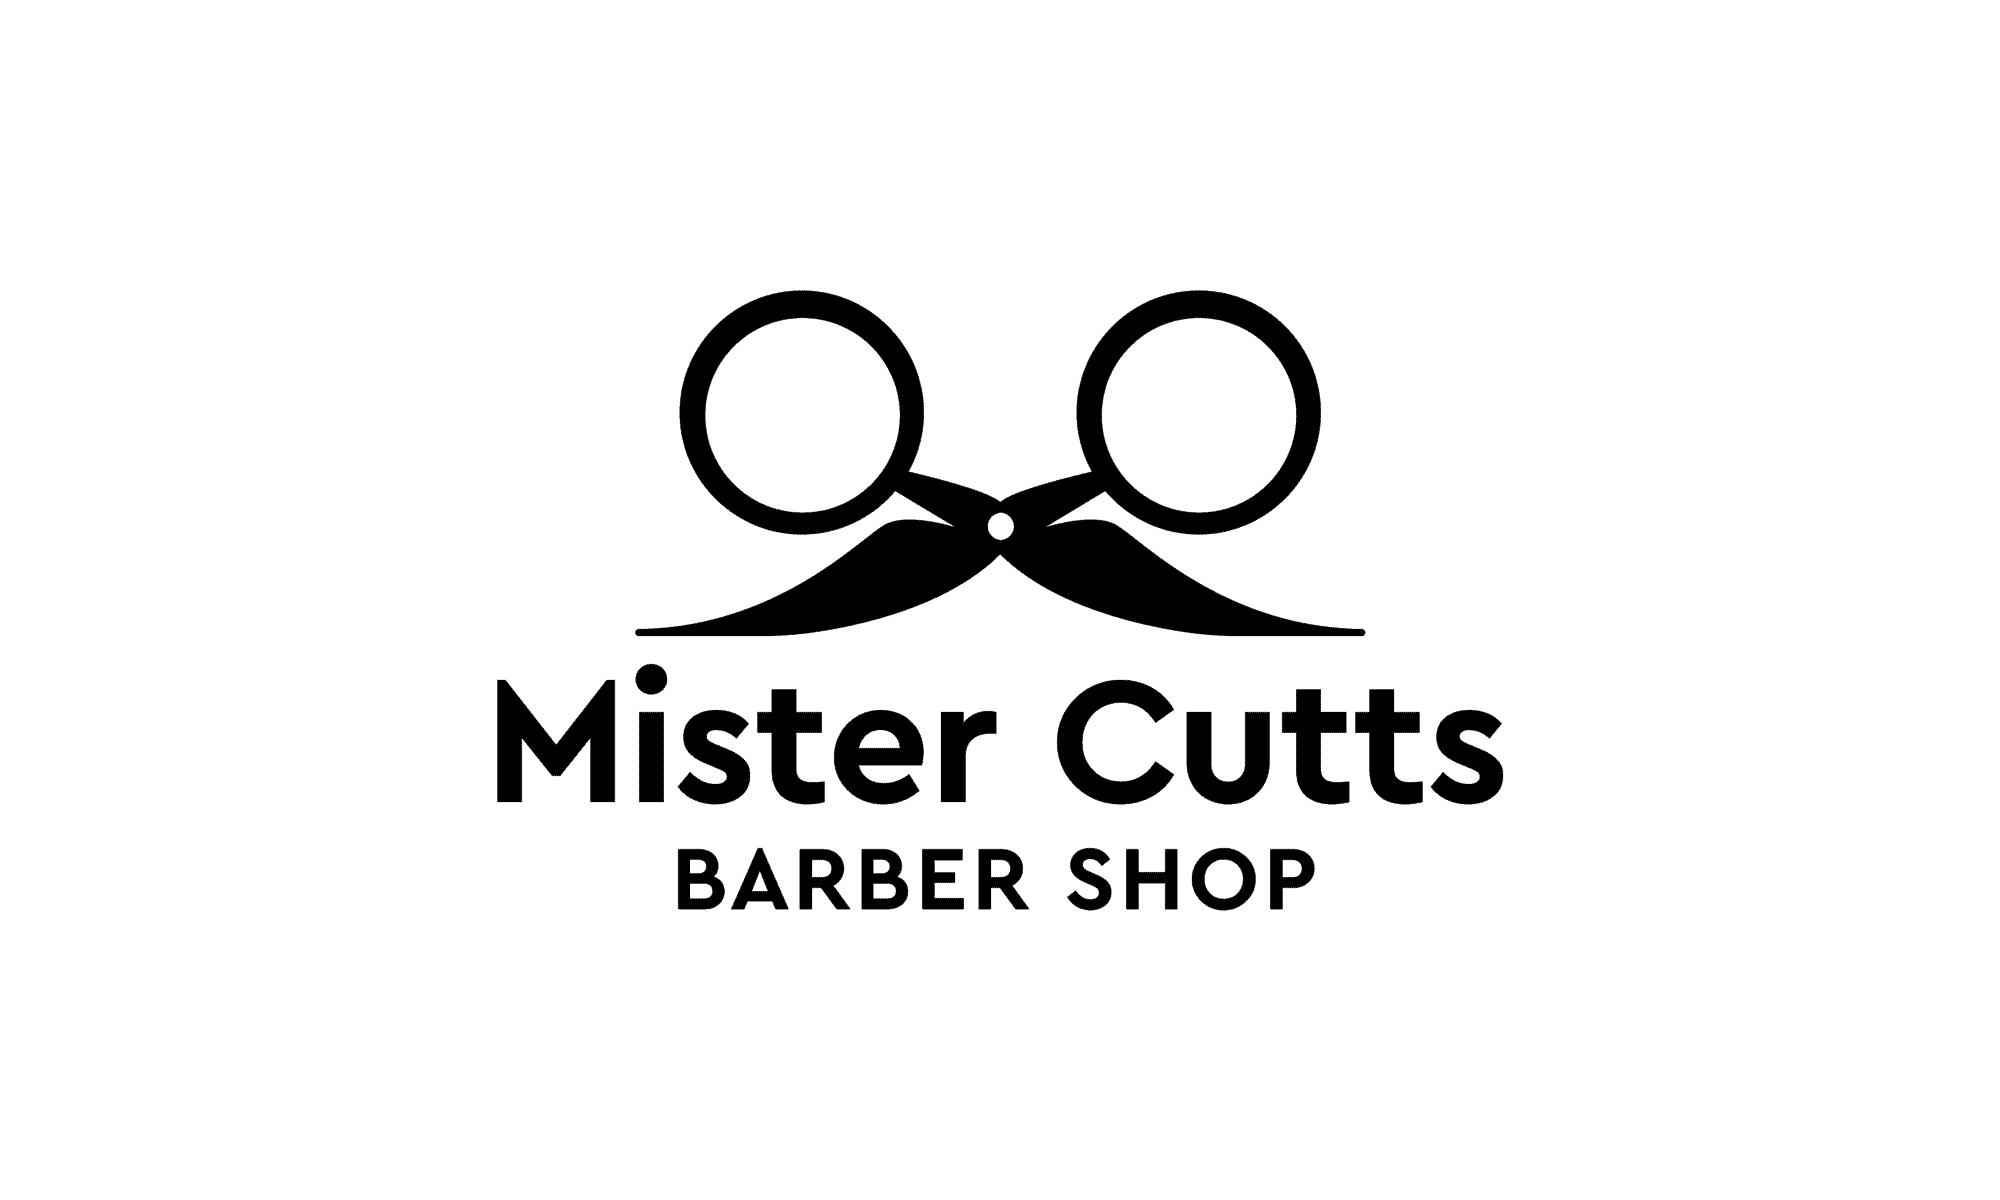 Mr Cutts Barber Shop Logo Design